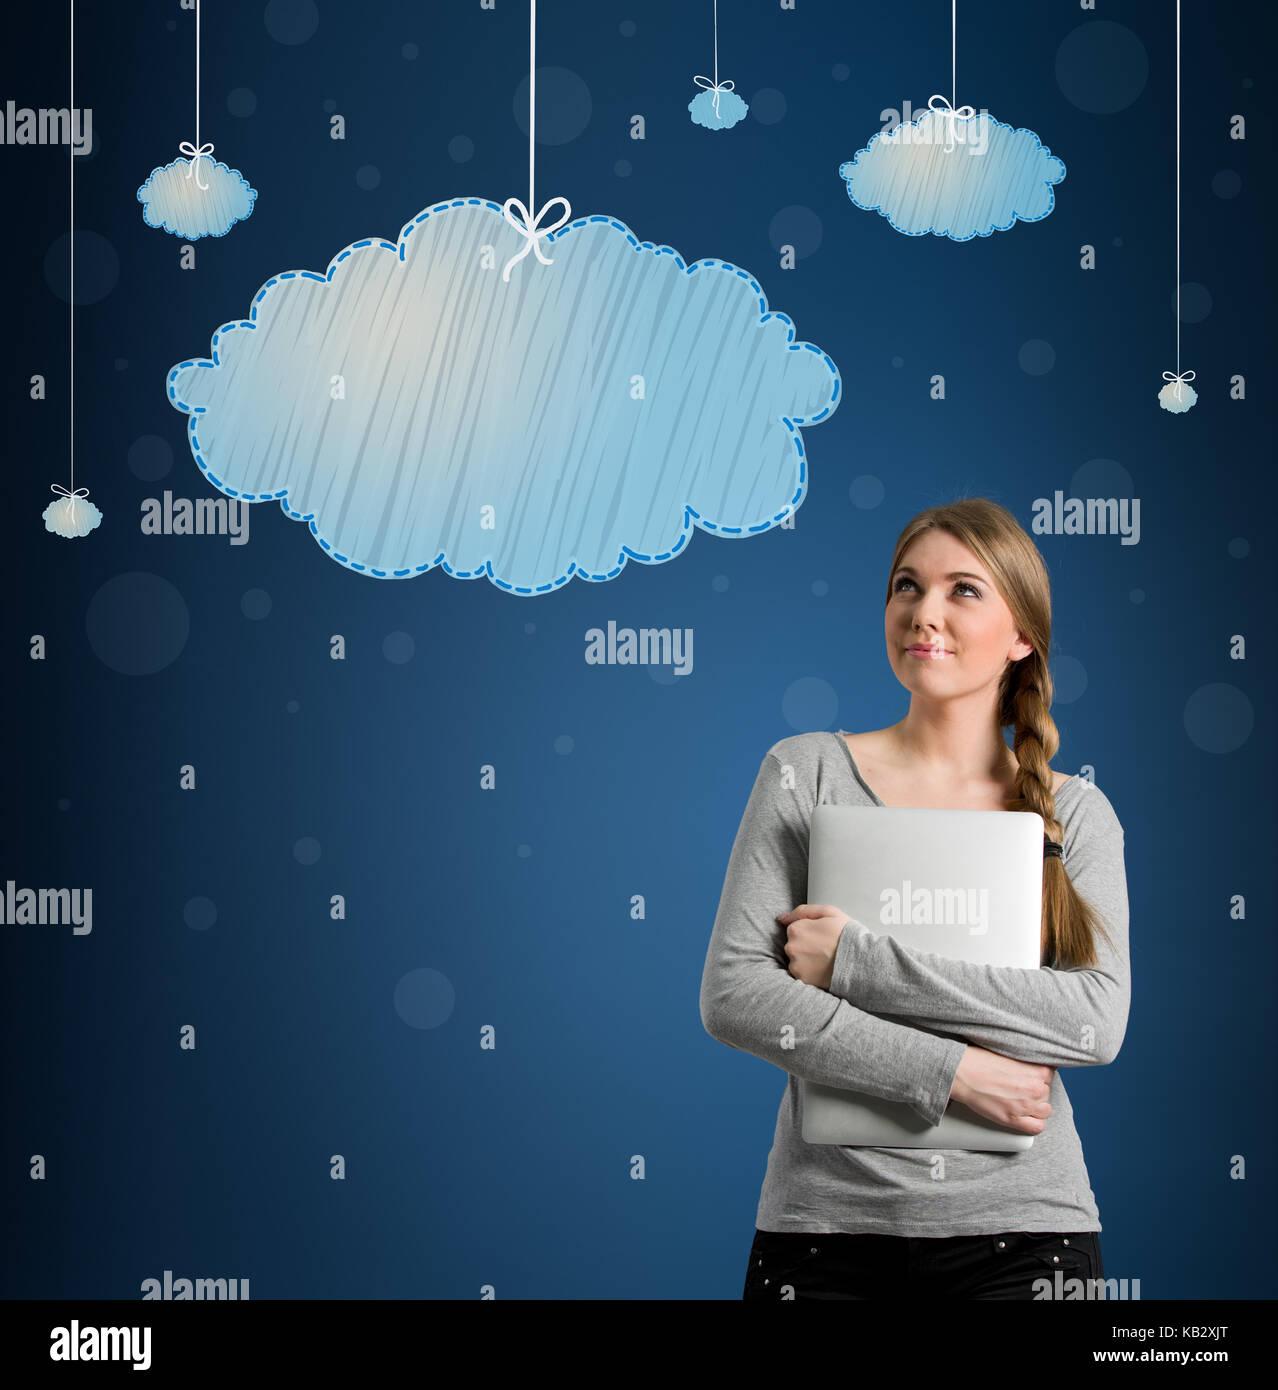 Schöne junge Frau an hängenden Wolken suchen, daydream Stockbild